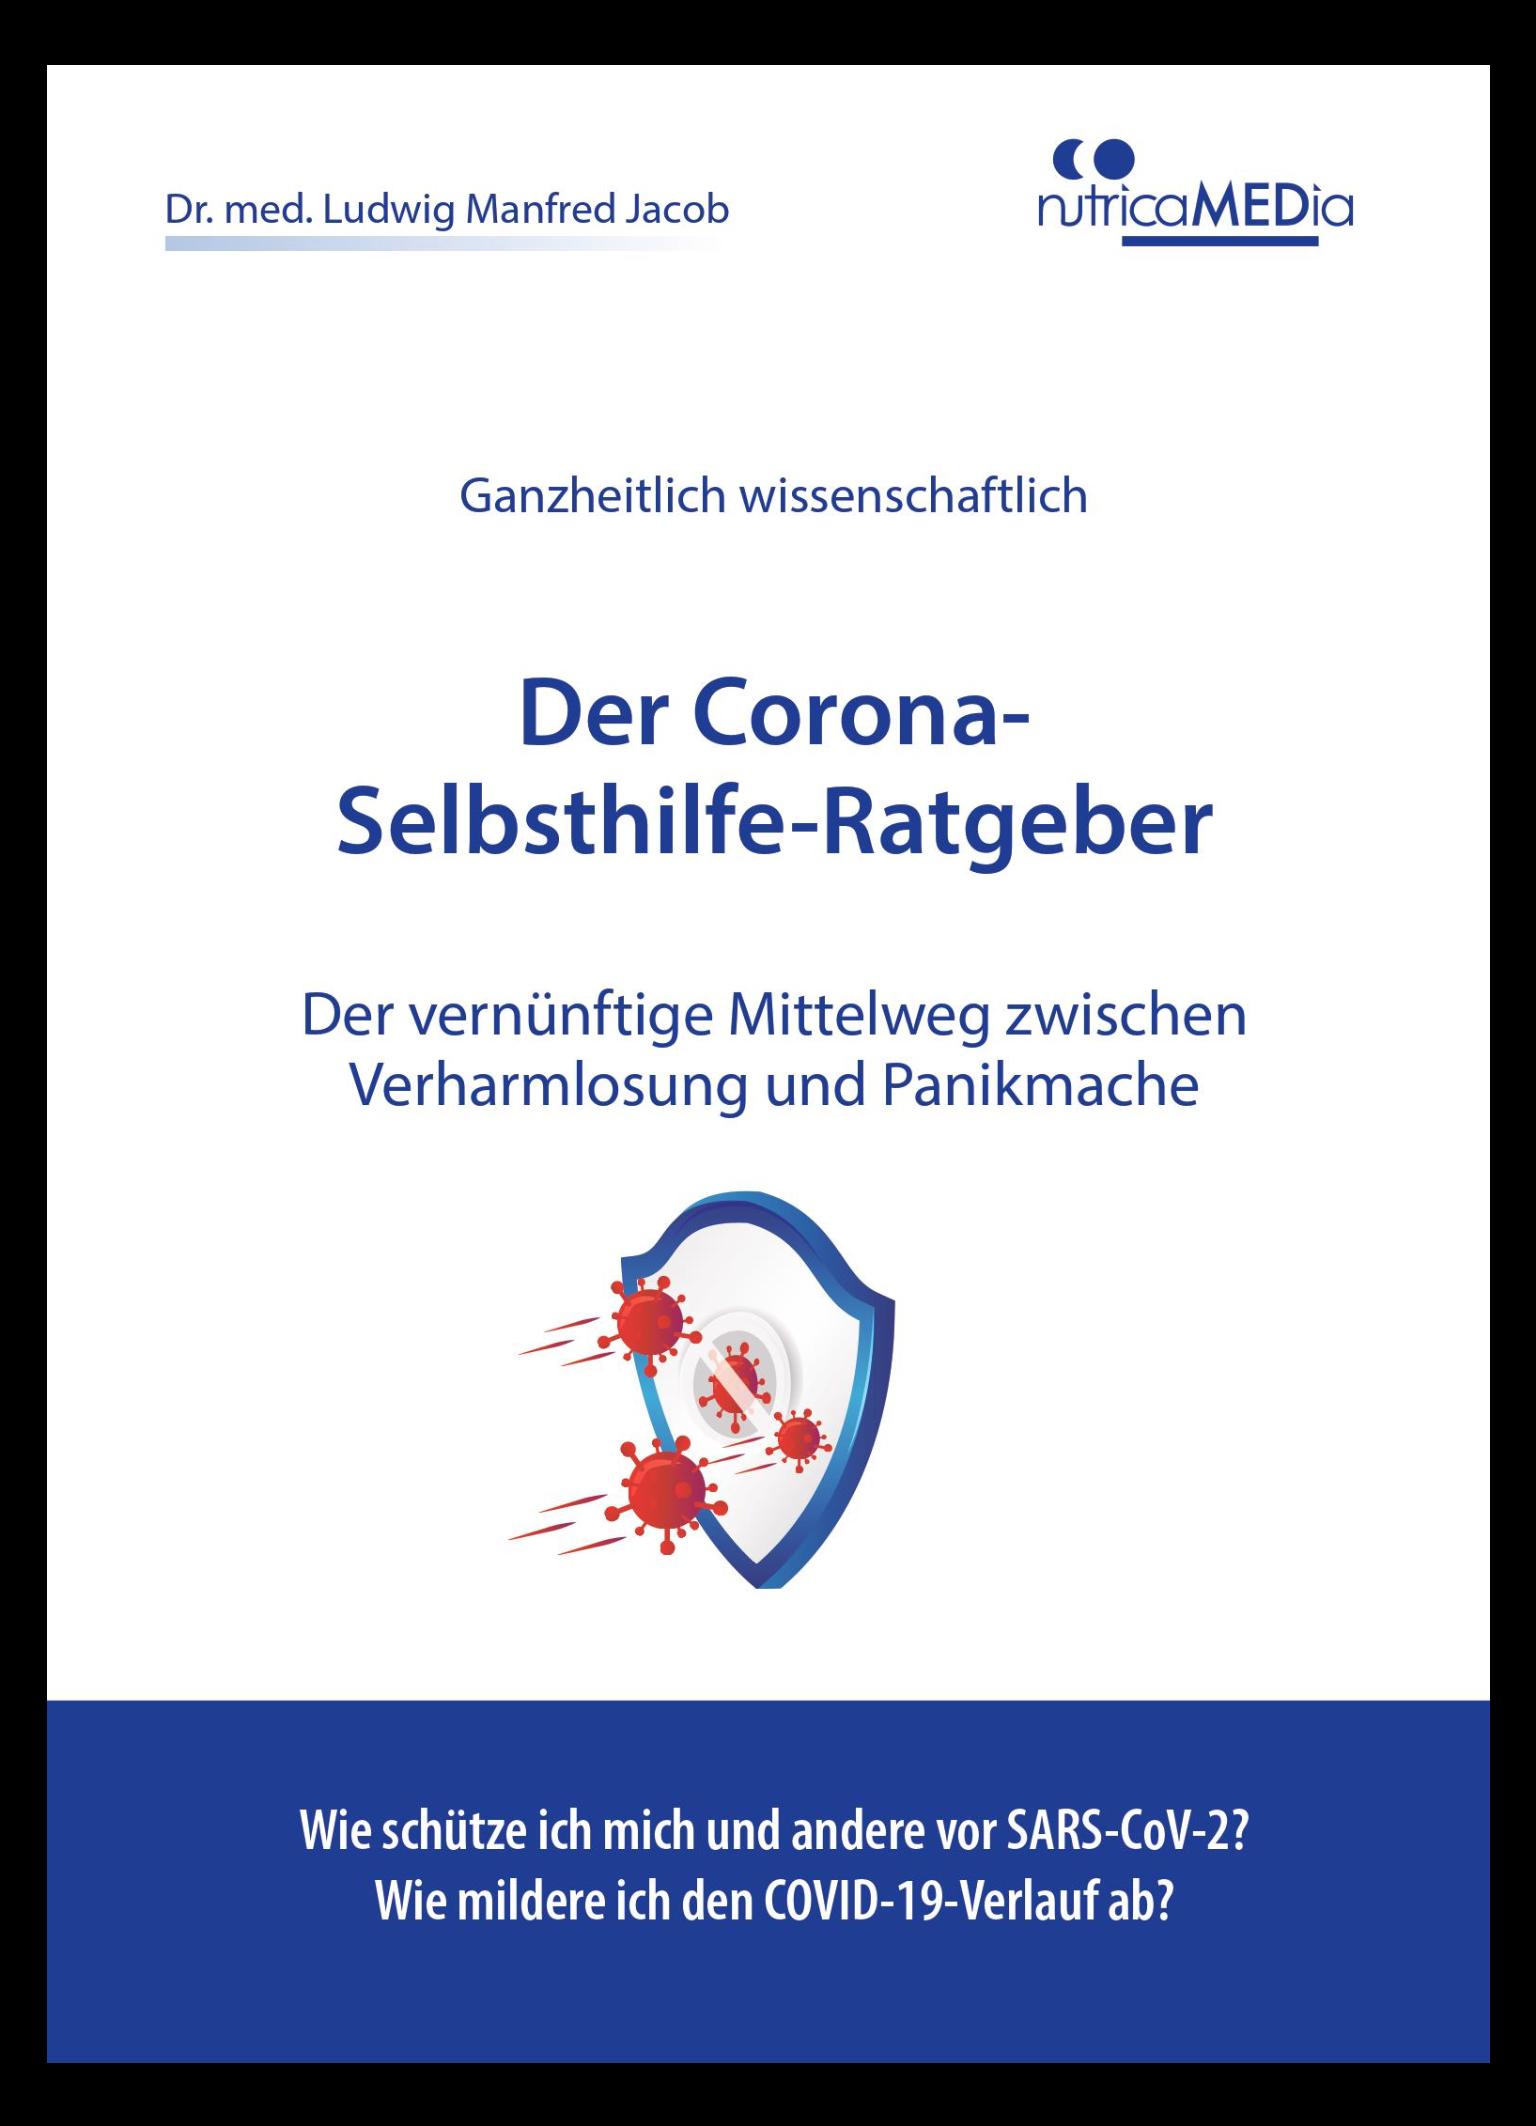 CoronaSelbsthilfeCoverShadow2